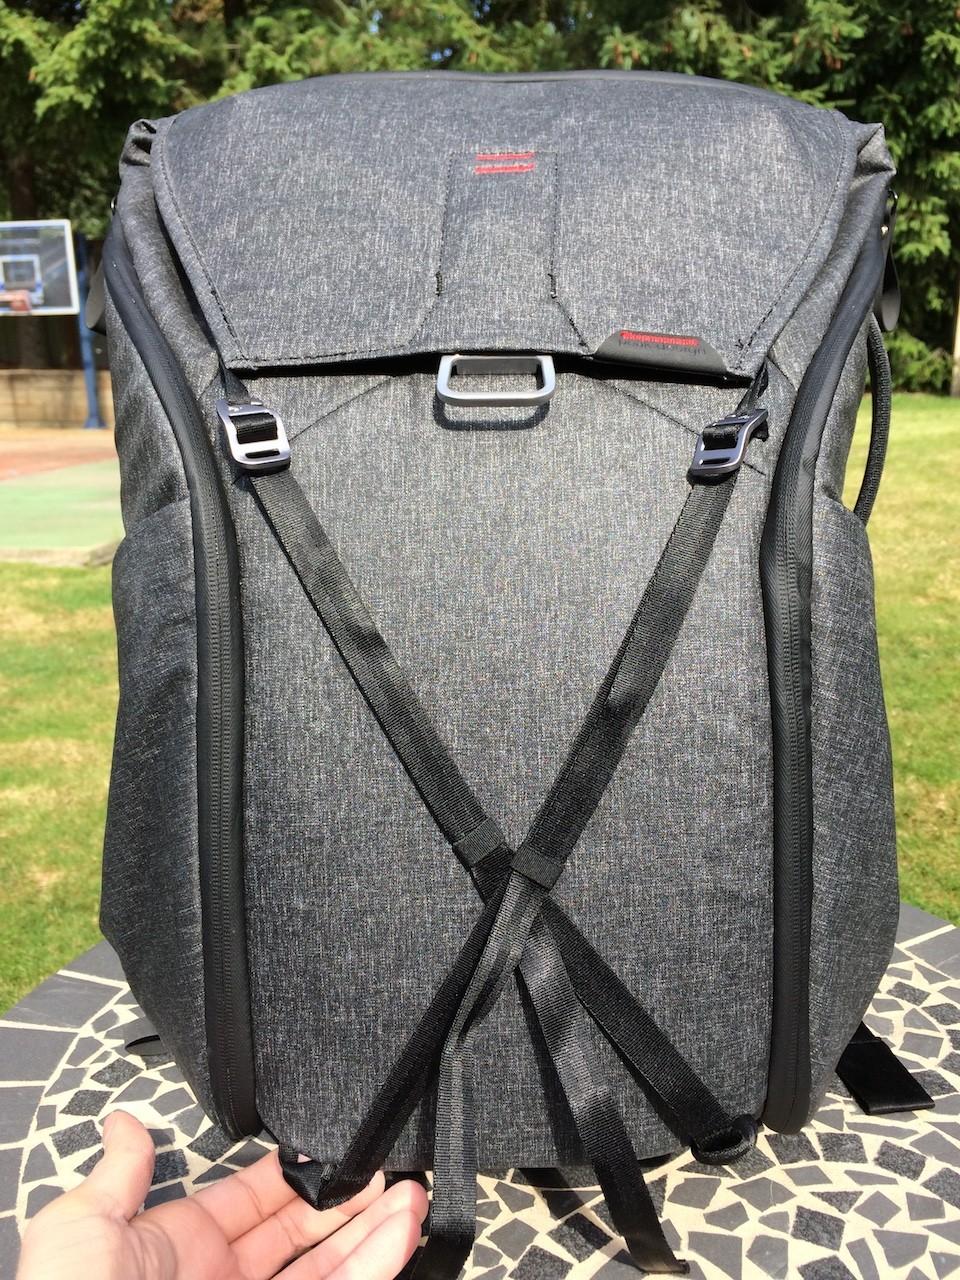 Peak Design Everyday Backpack straps on front